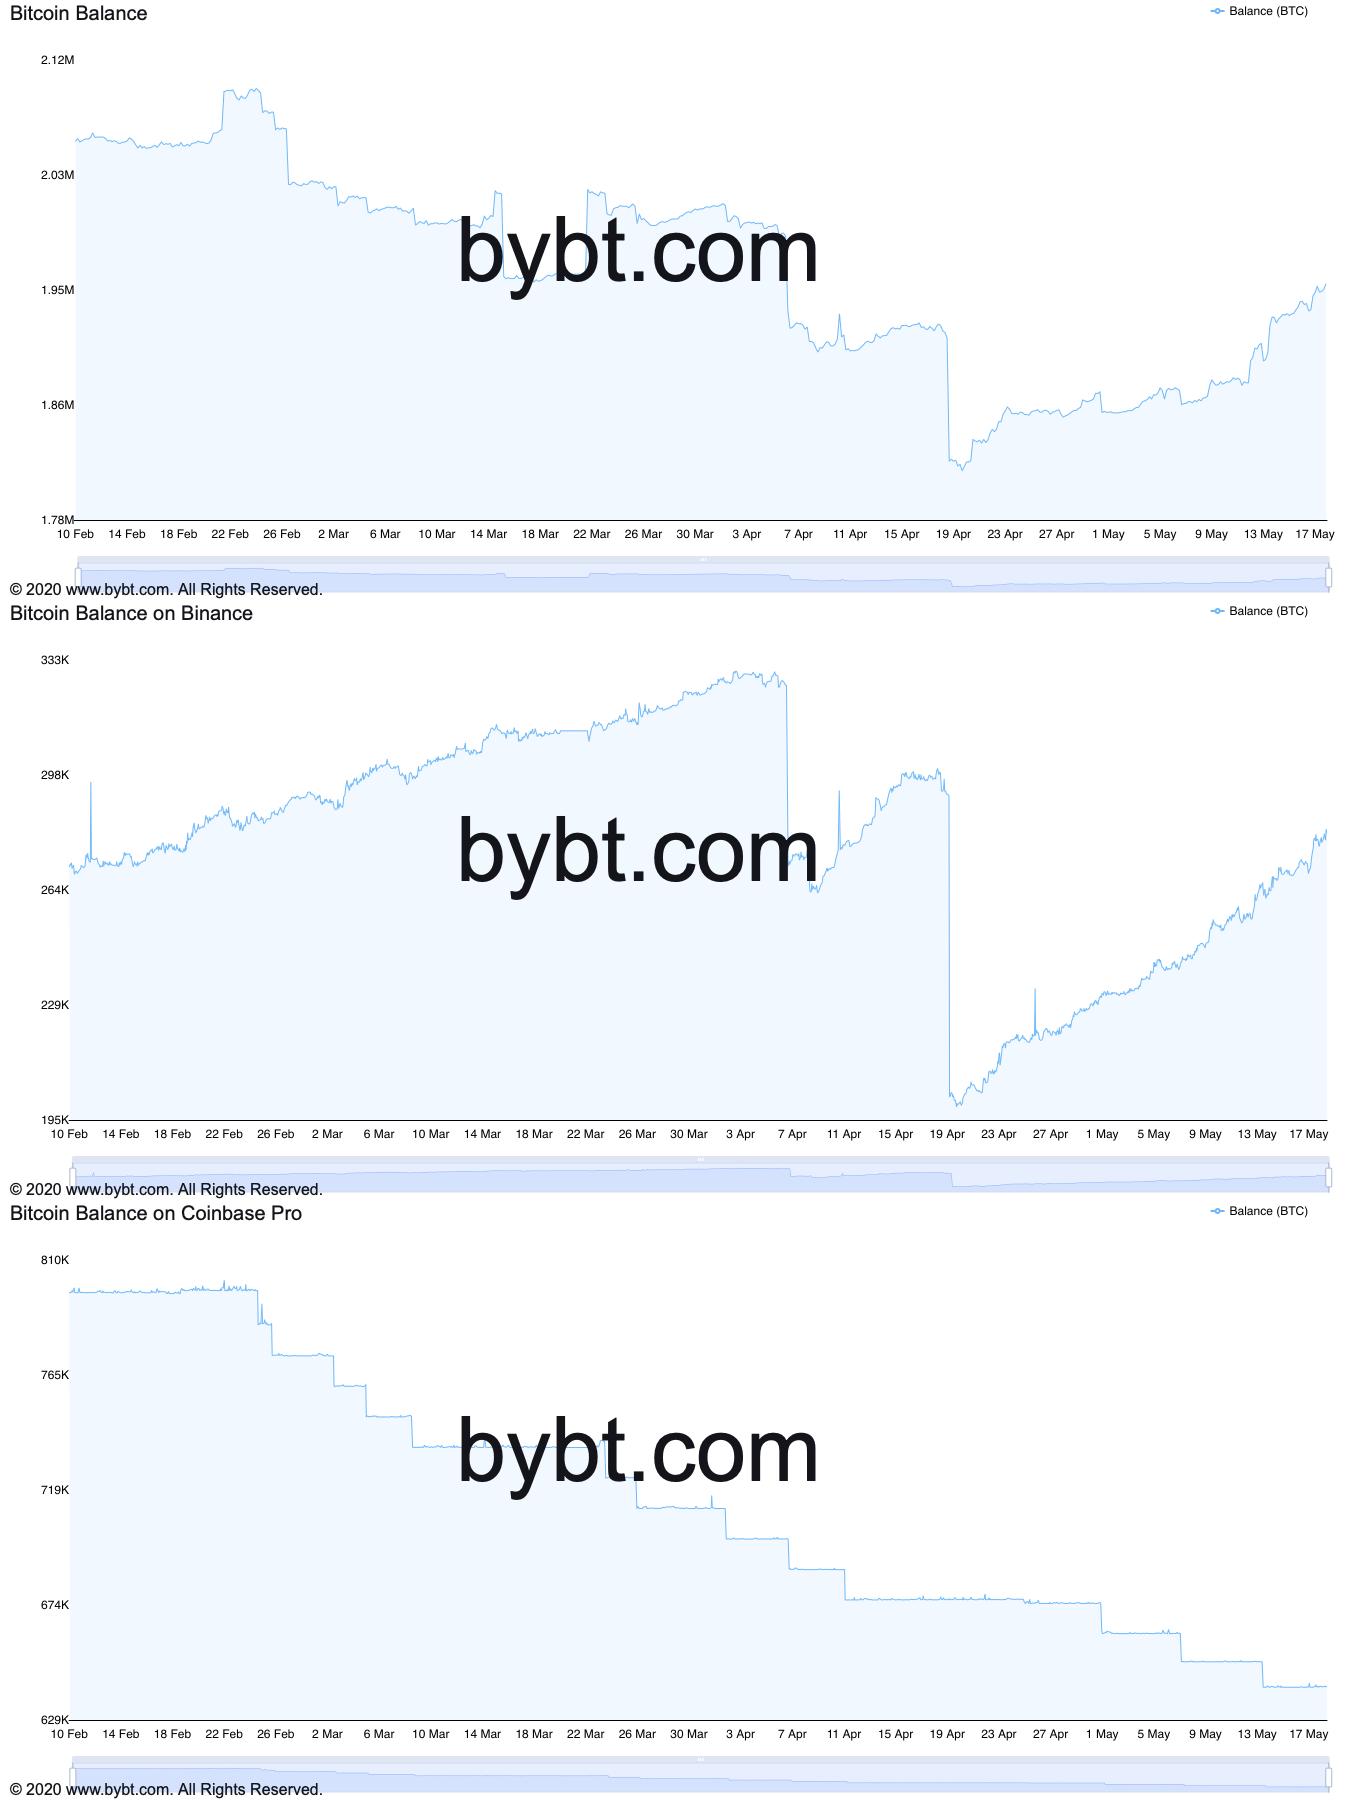 Saldo di Bitcoin su tutti gli exchange vs. Binance vs. Coinbase